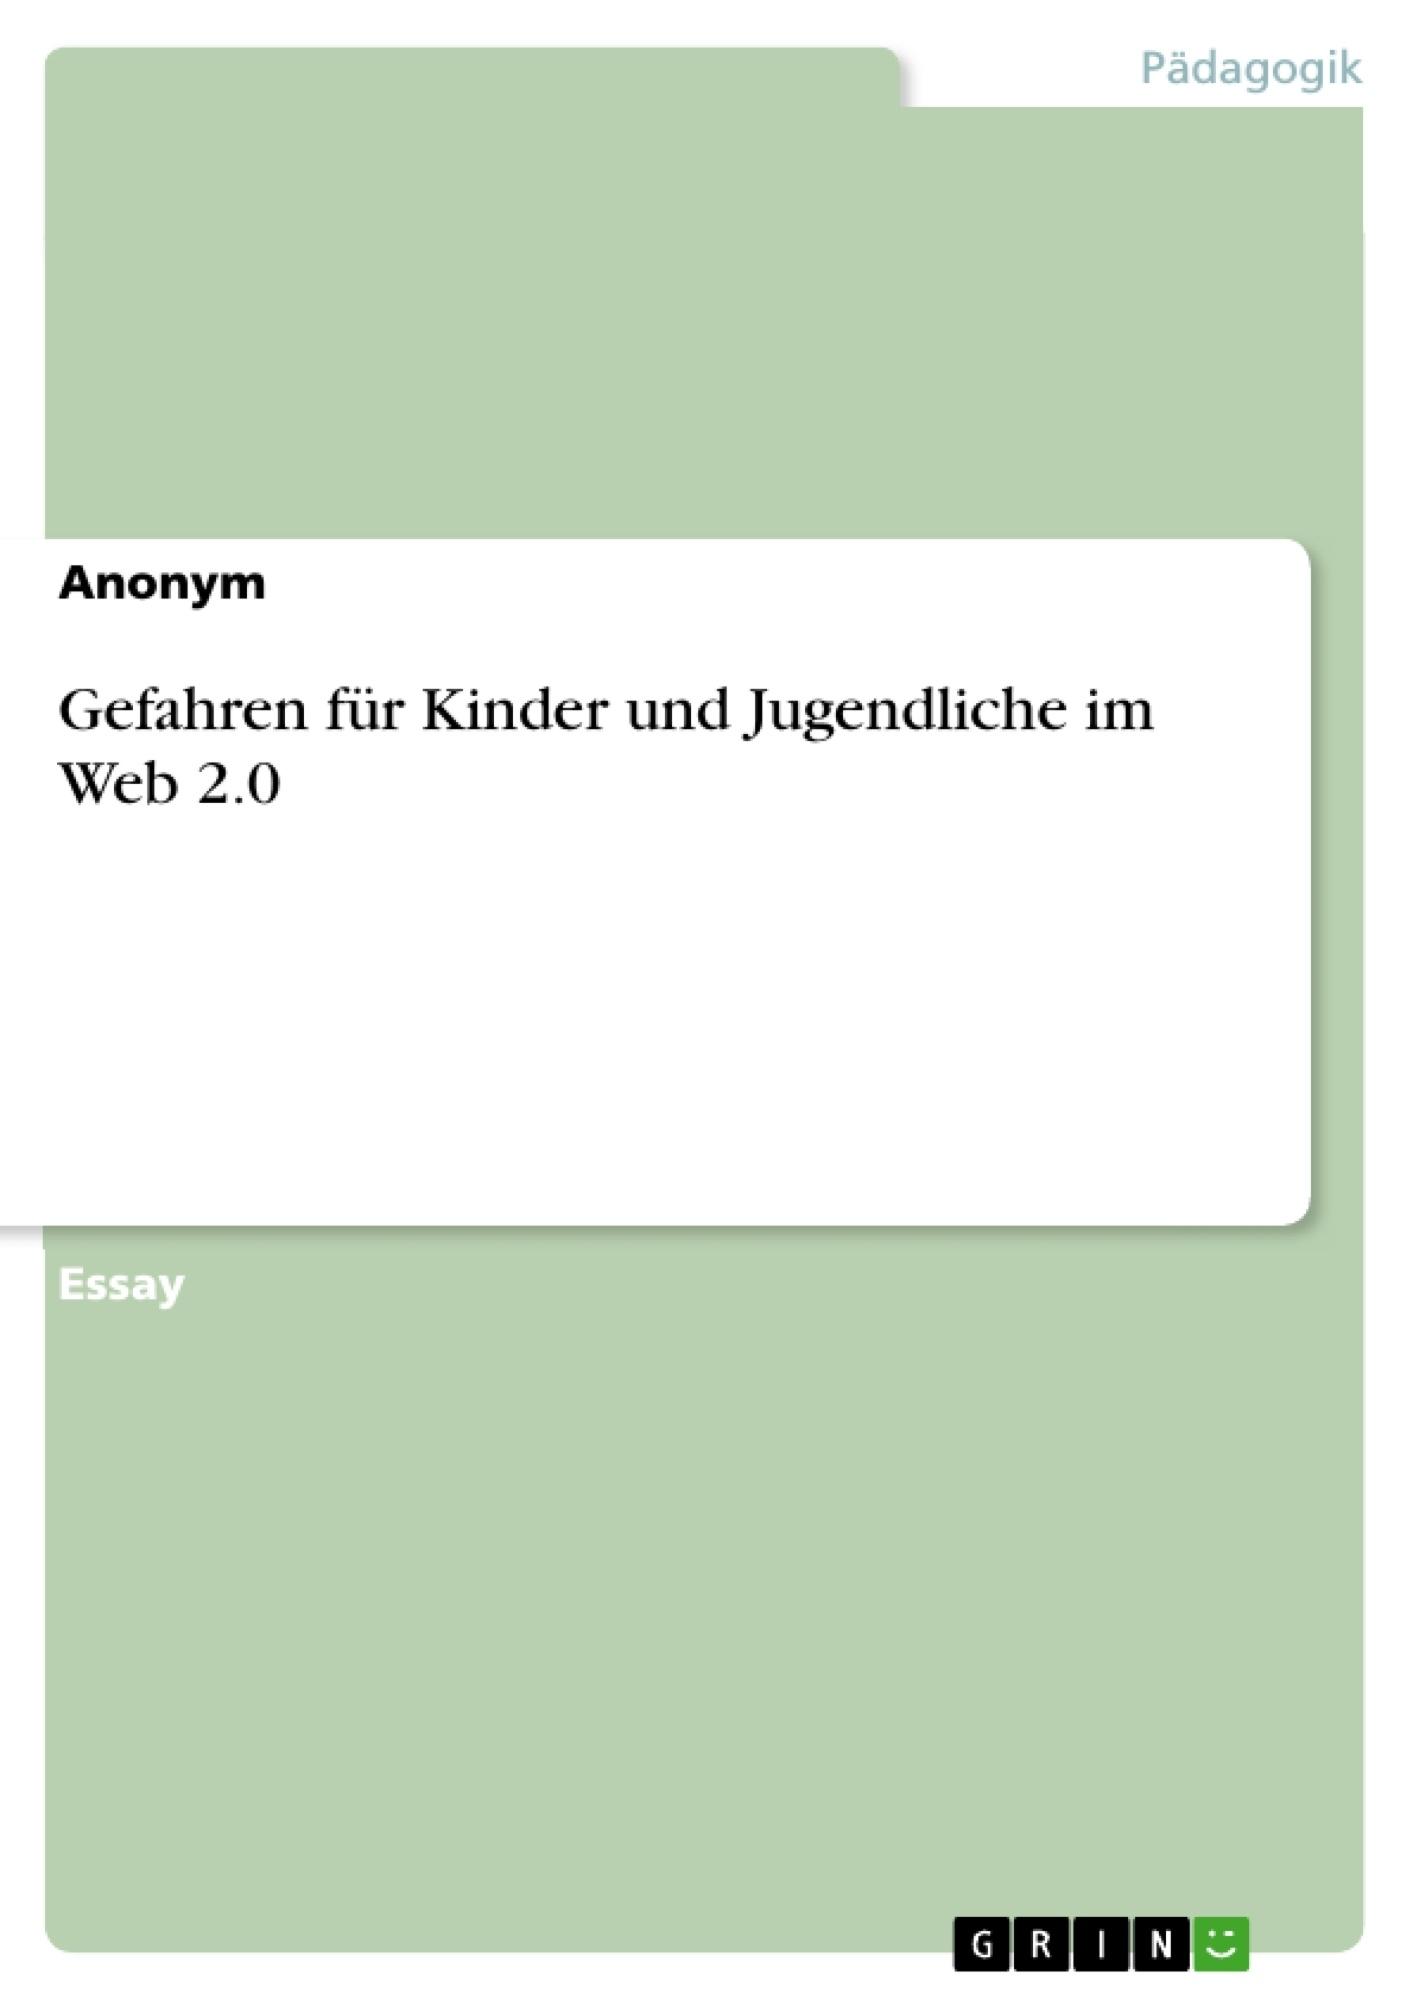 Titel: Gefahren für Kinder und Jugendliche im Web 2.0